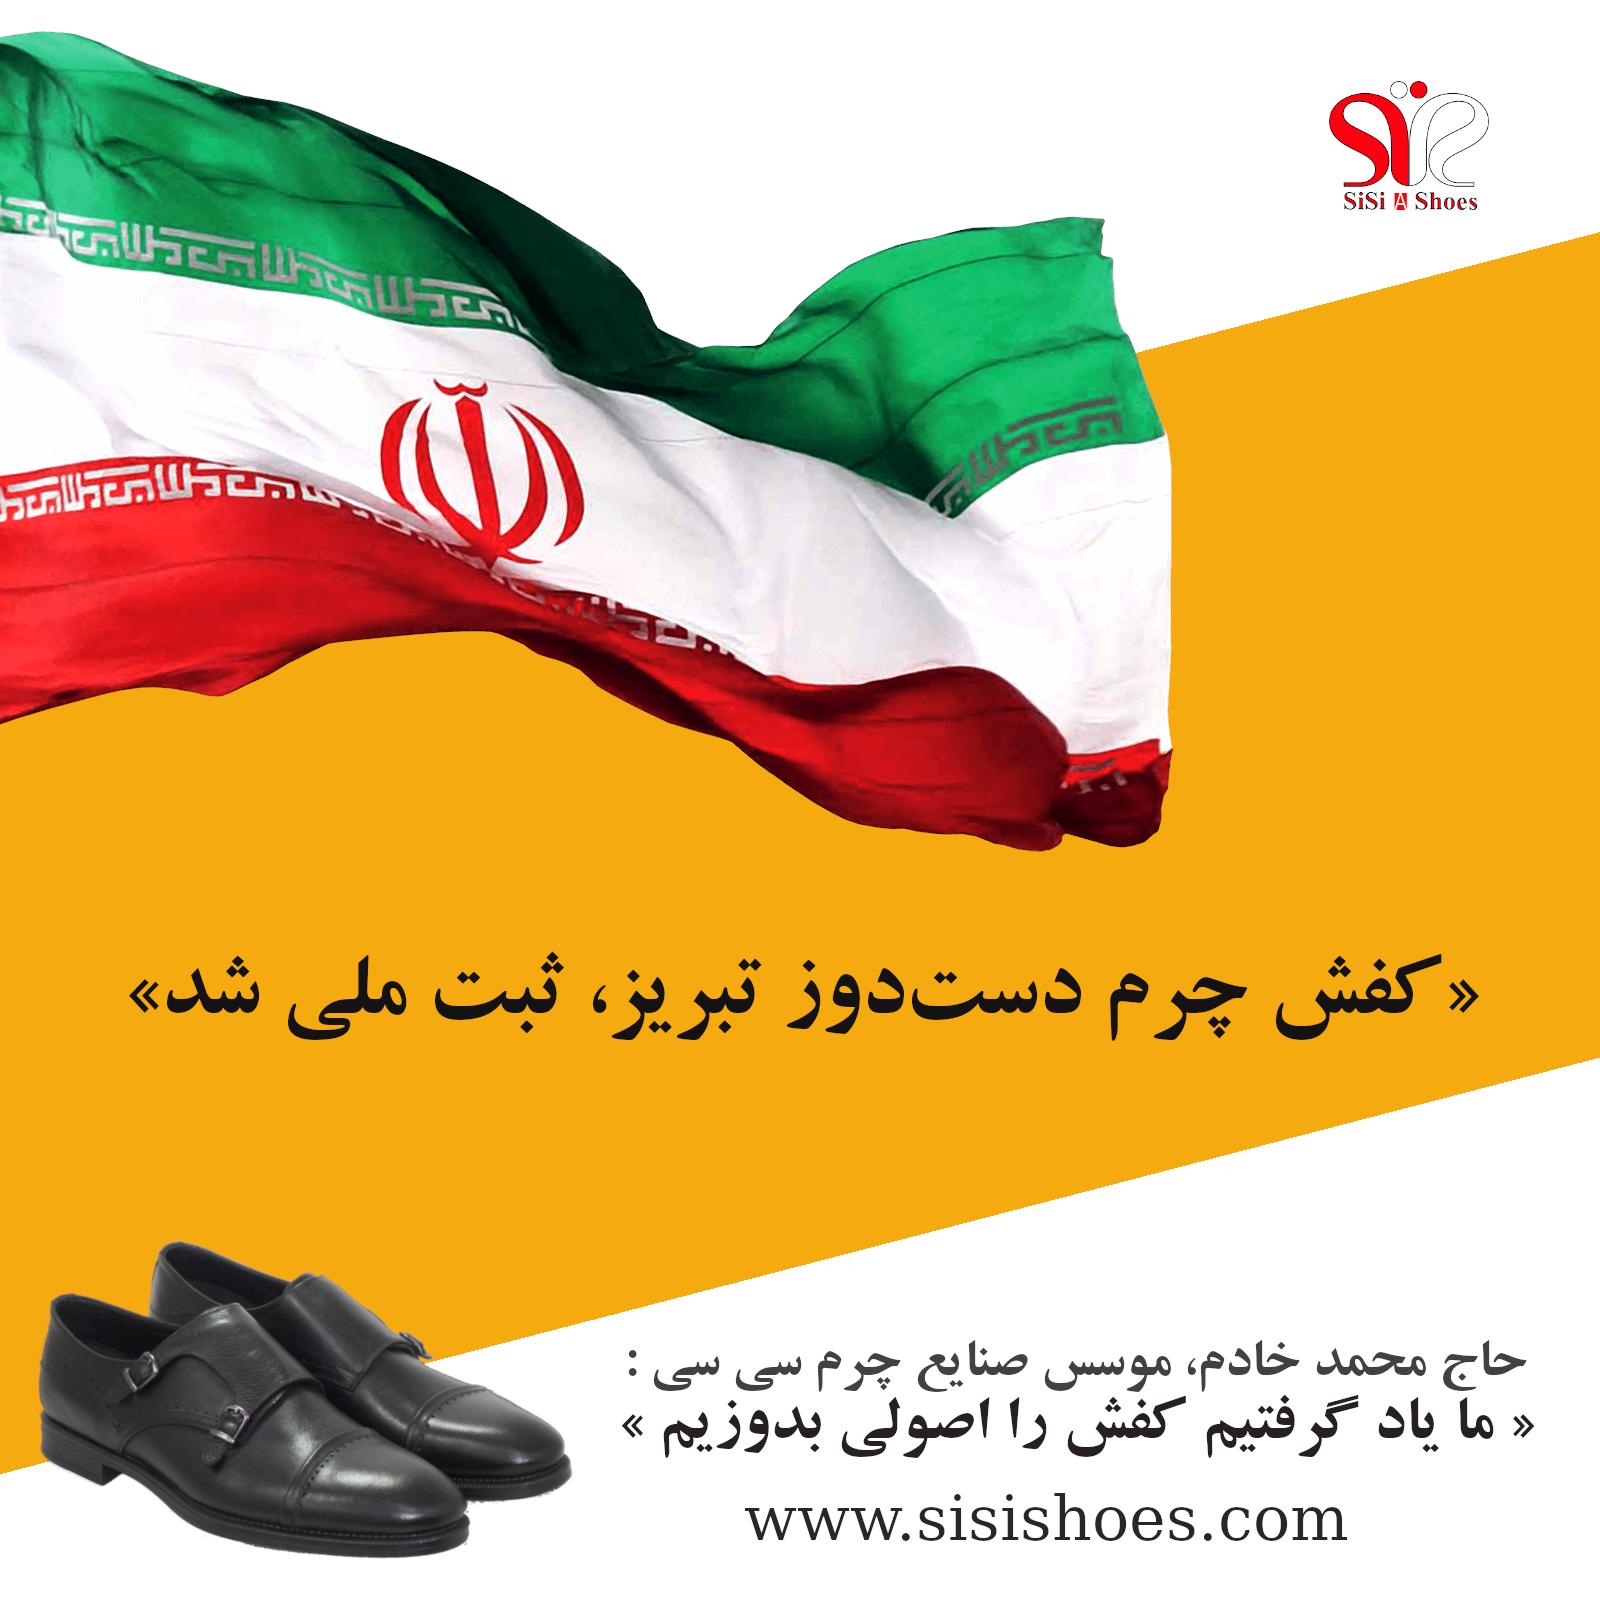 کف دست دوز چرم تبریز ثبت ملی شد